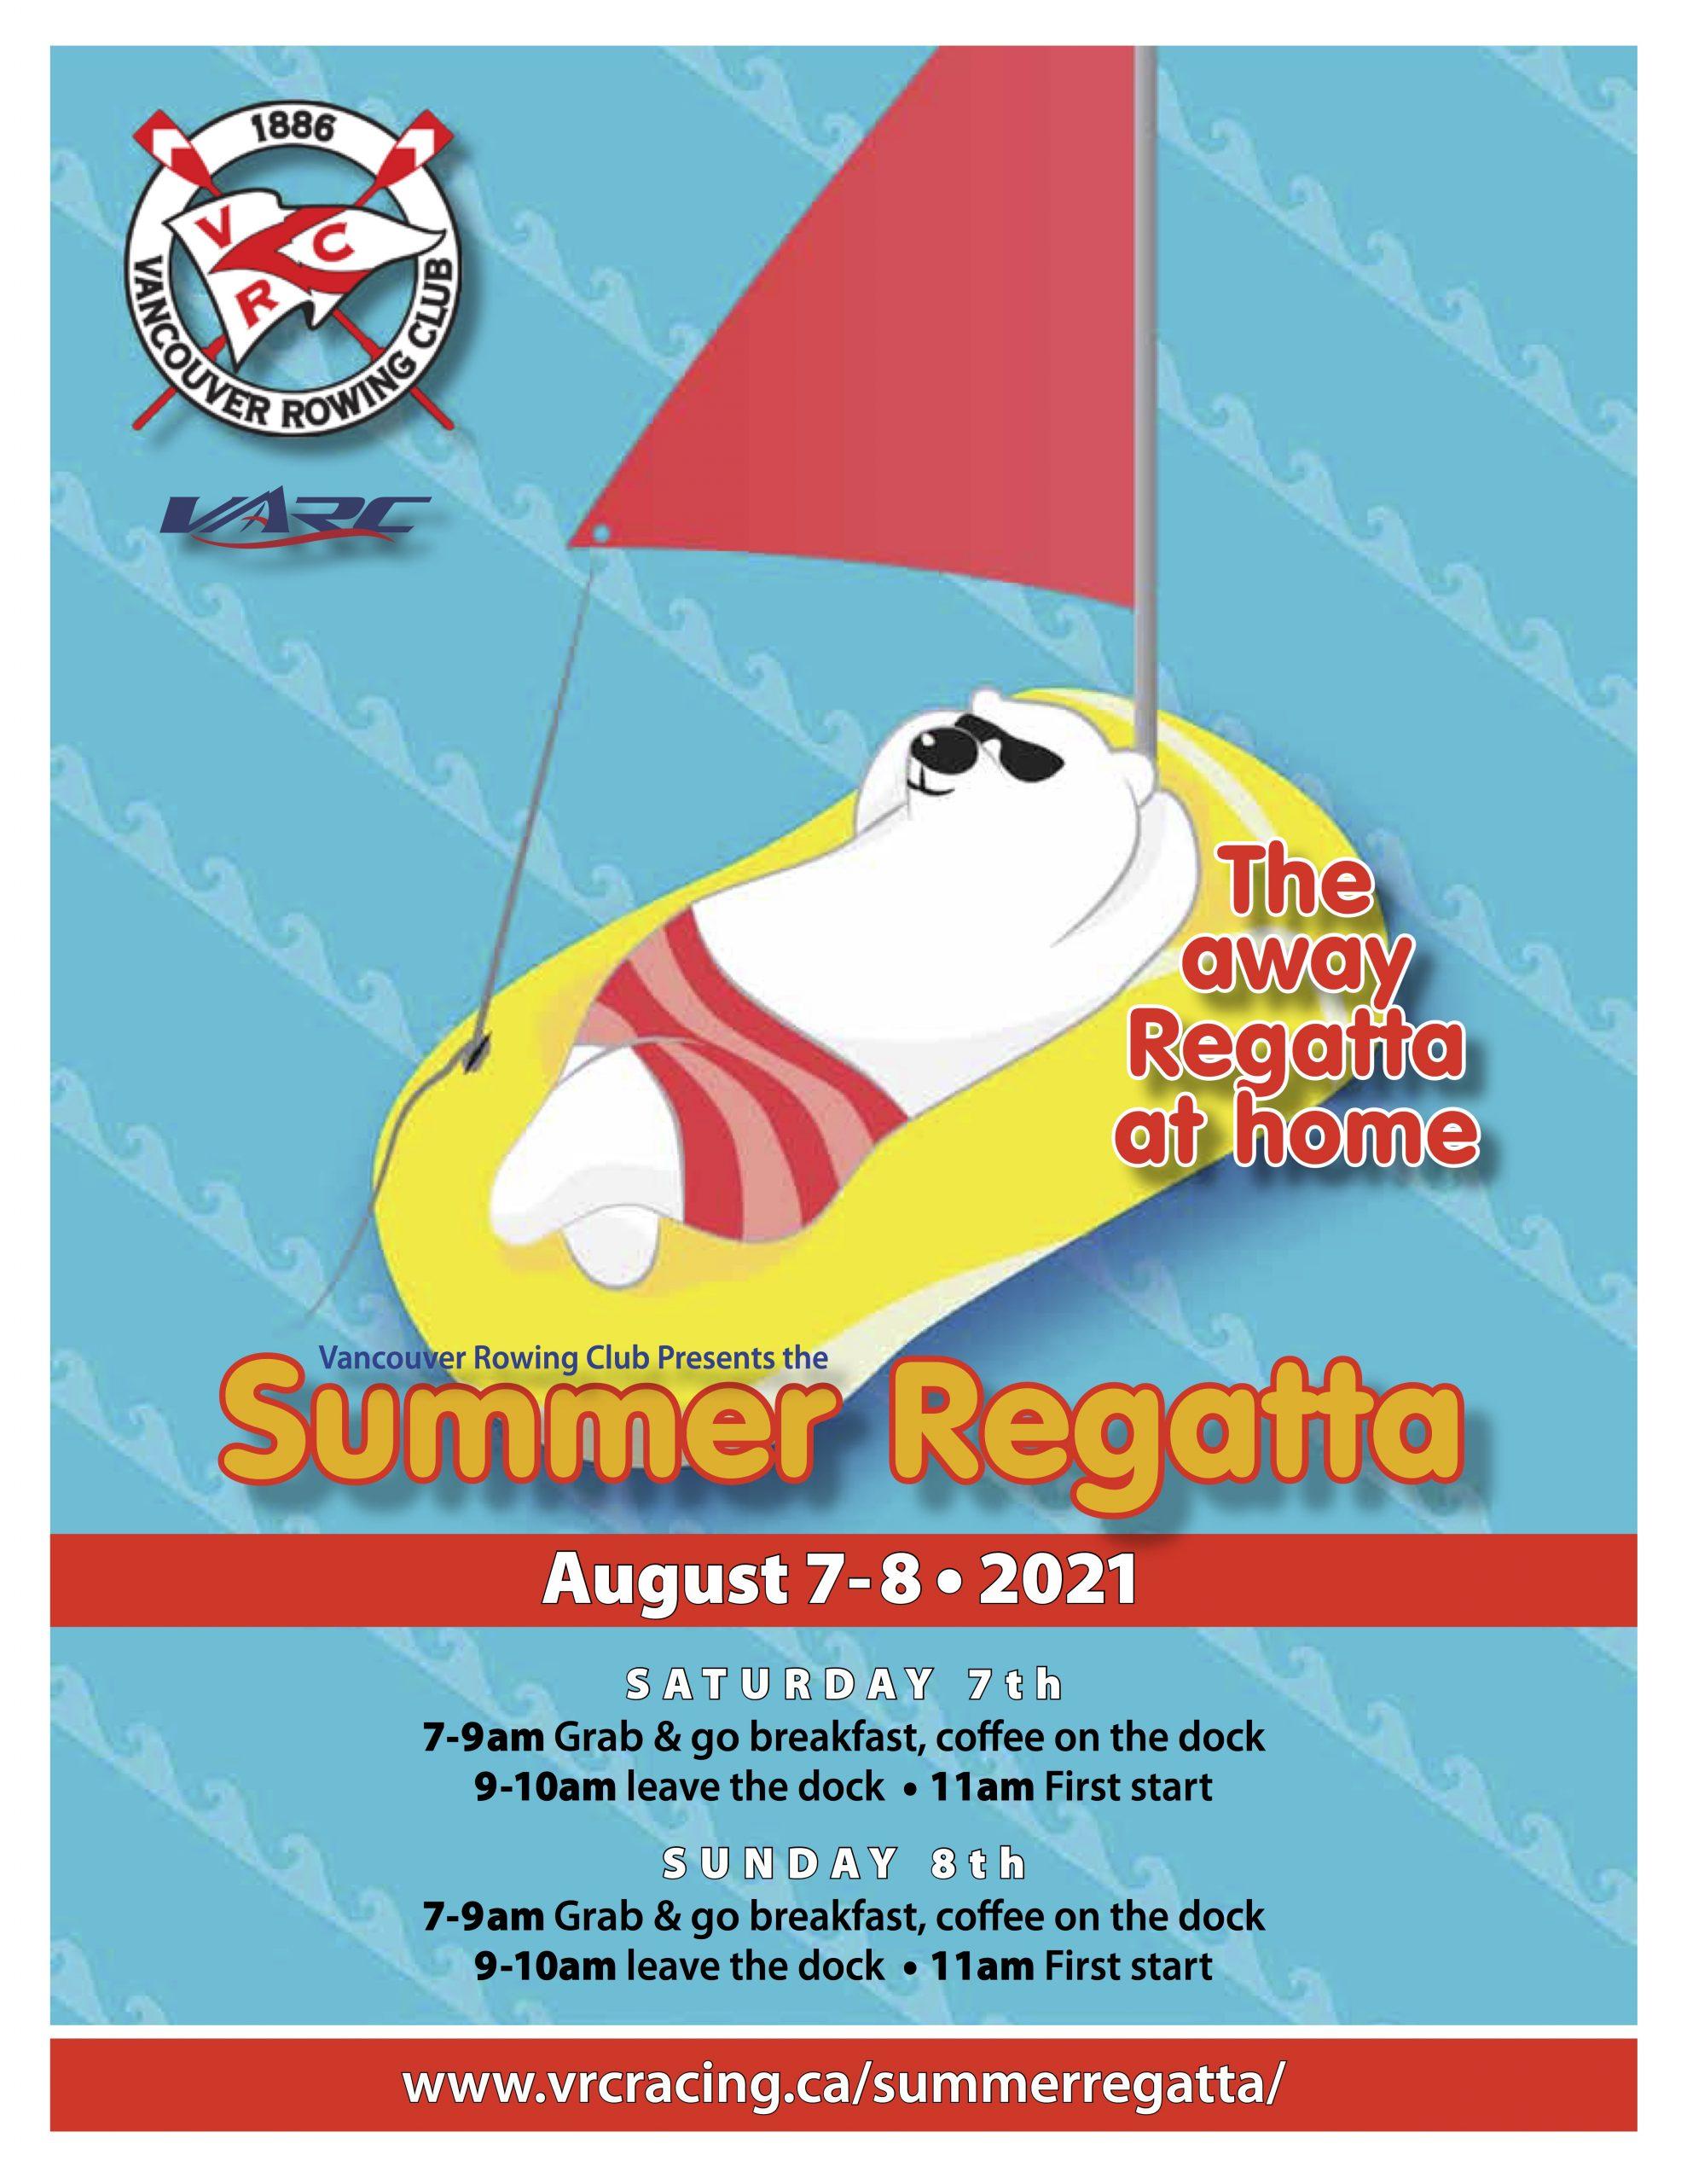 2021 Summer Regatta Poster